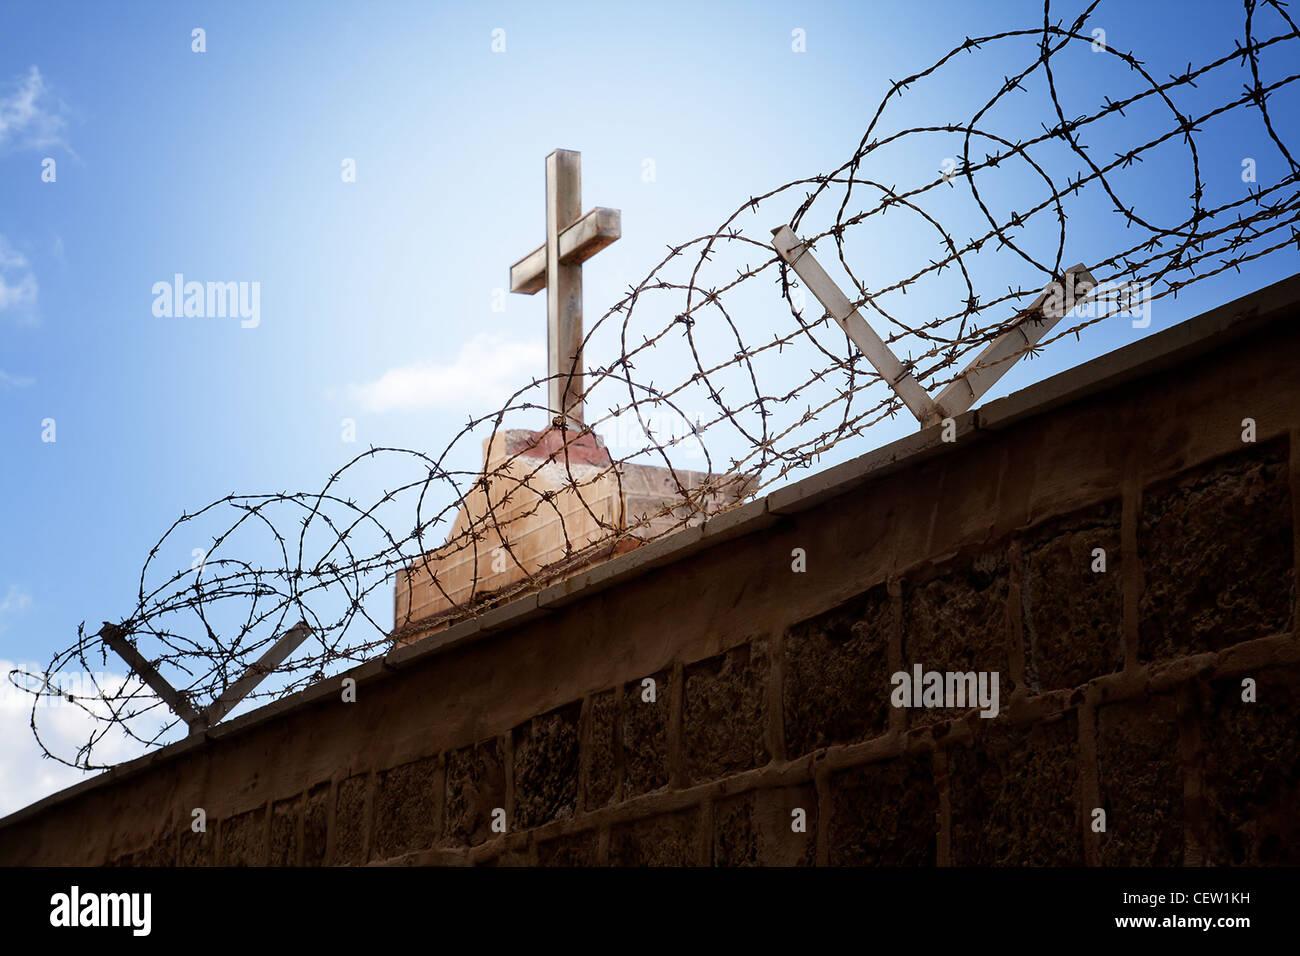 La guerre et la religion concept - Croix-Rouge et du fil de fer barbelé sur ciel bleu Photo Stock